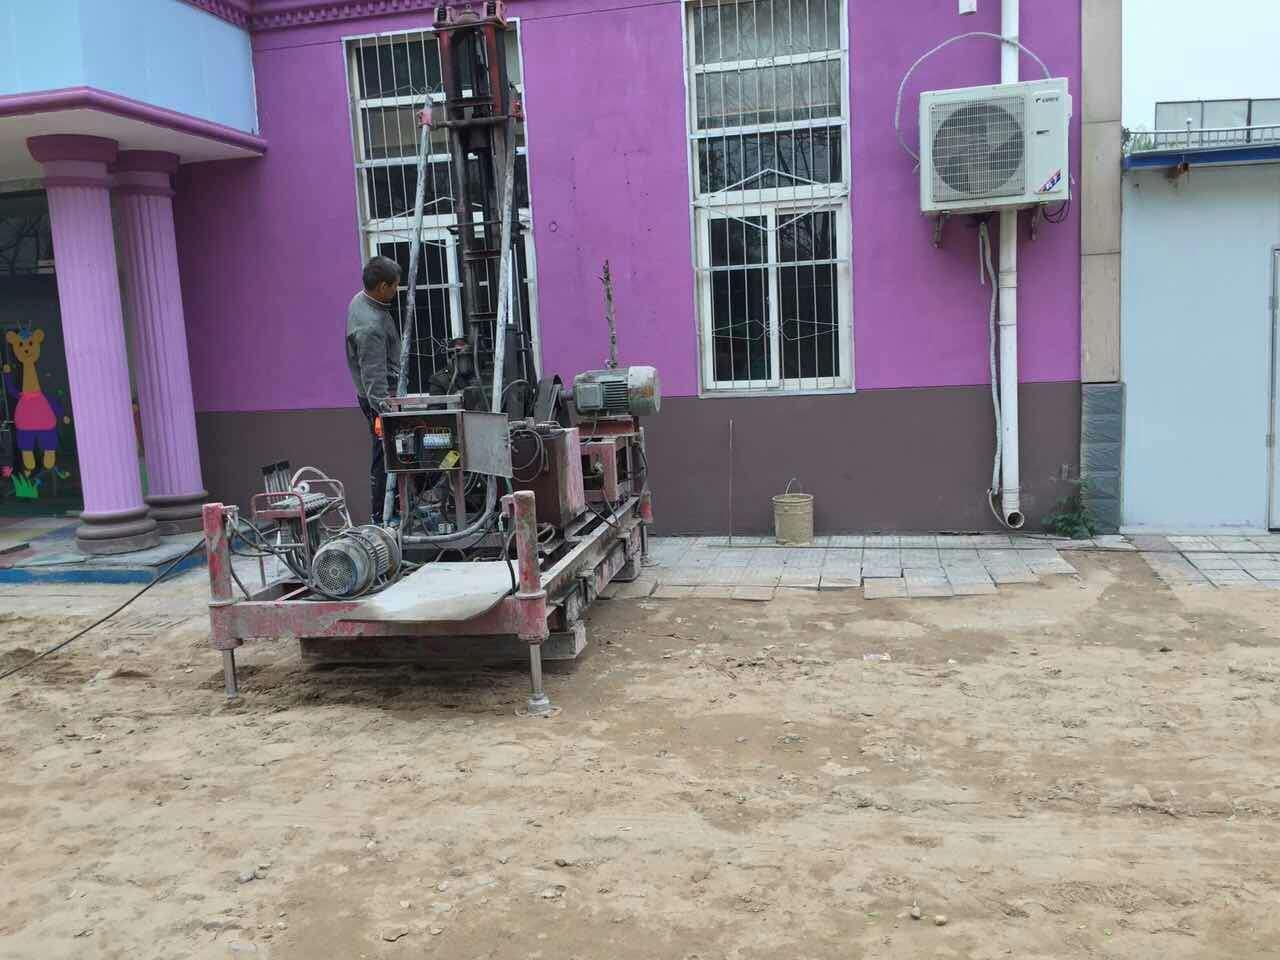 你知道建筑加固〖改造需要考虑哪些方面的影响�鹕耦I域�D�r慢慢�成了紫色吗?